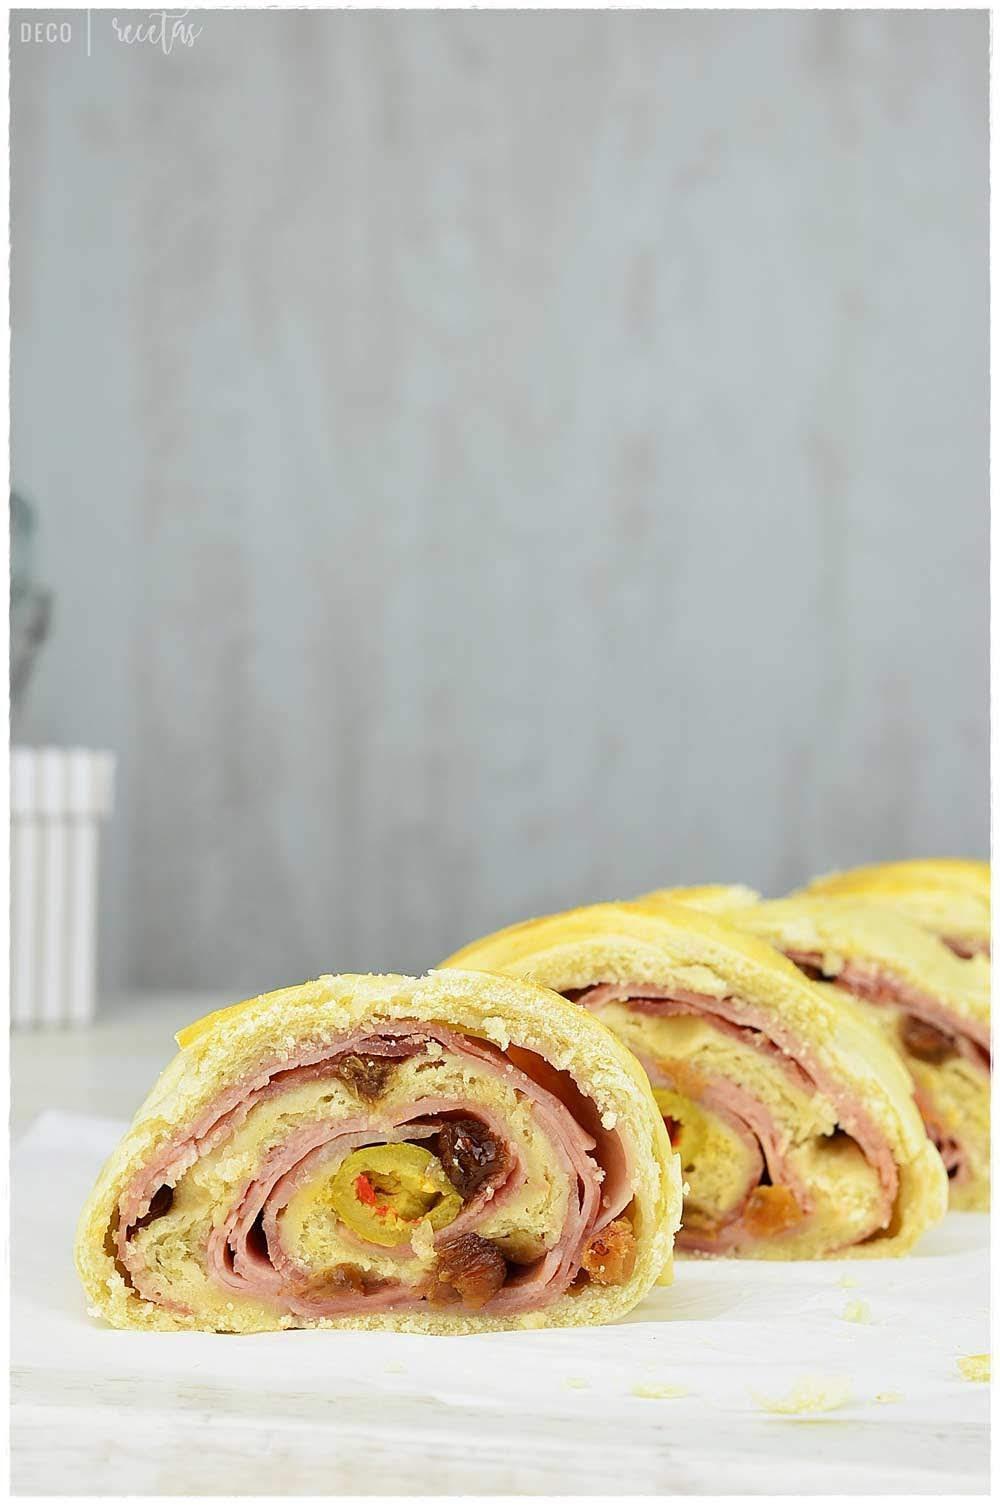 pan de jamon venezolano recta de pan de jamon receta de pan de jamon recetas de pan jamon